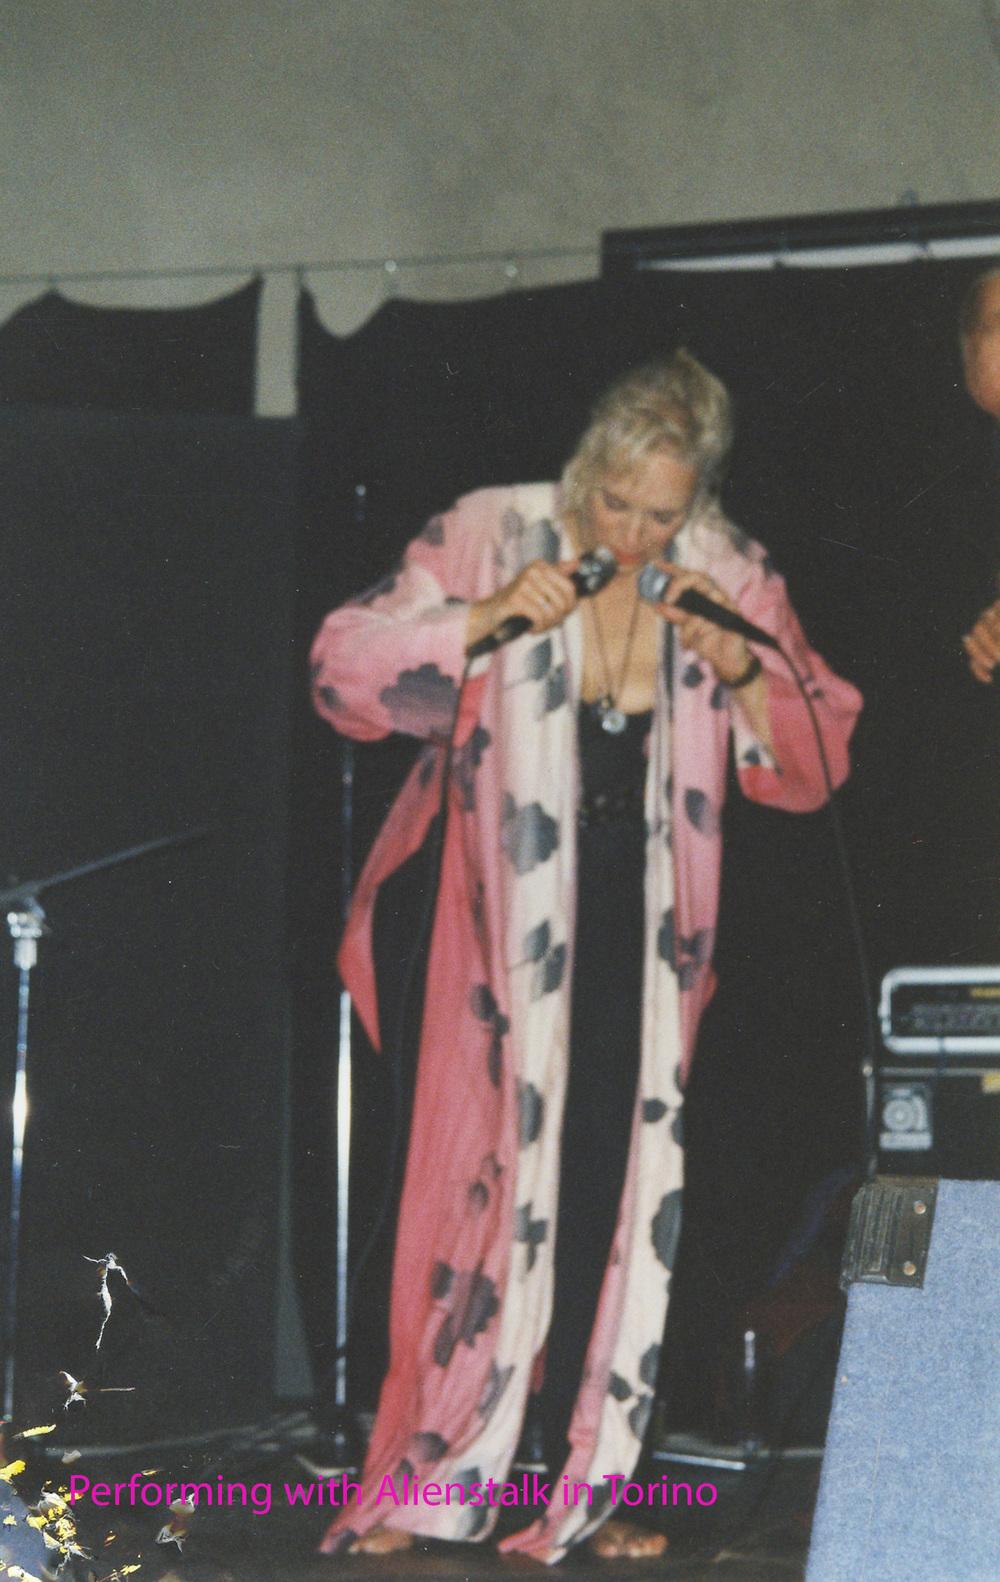 Ellen Christi with Jan Schlegel  in Torino 2002 2 named.jpg